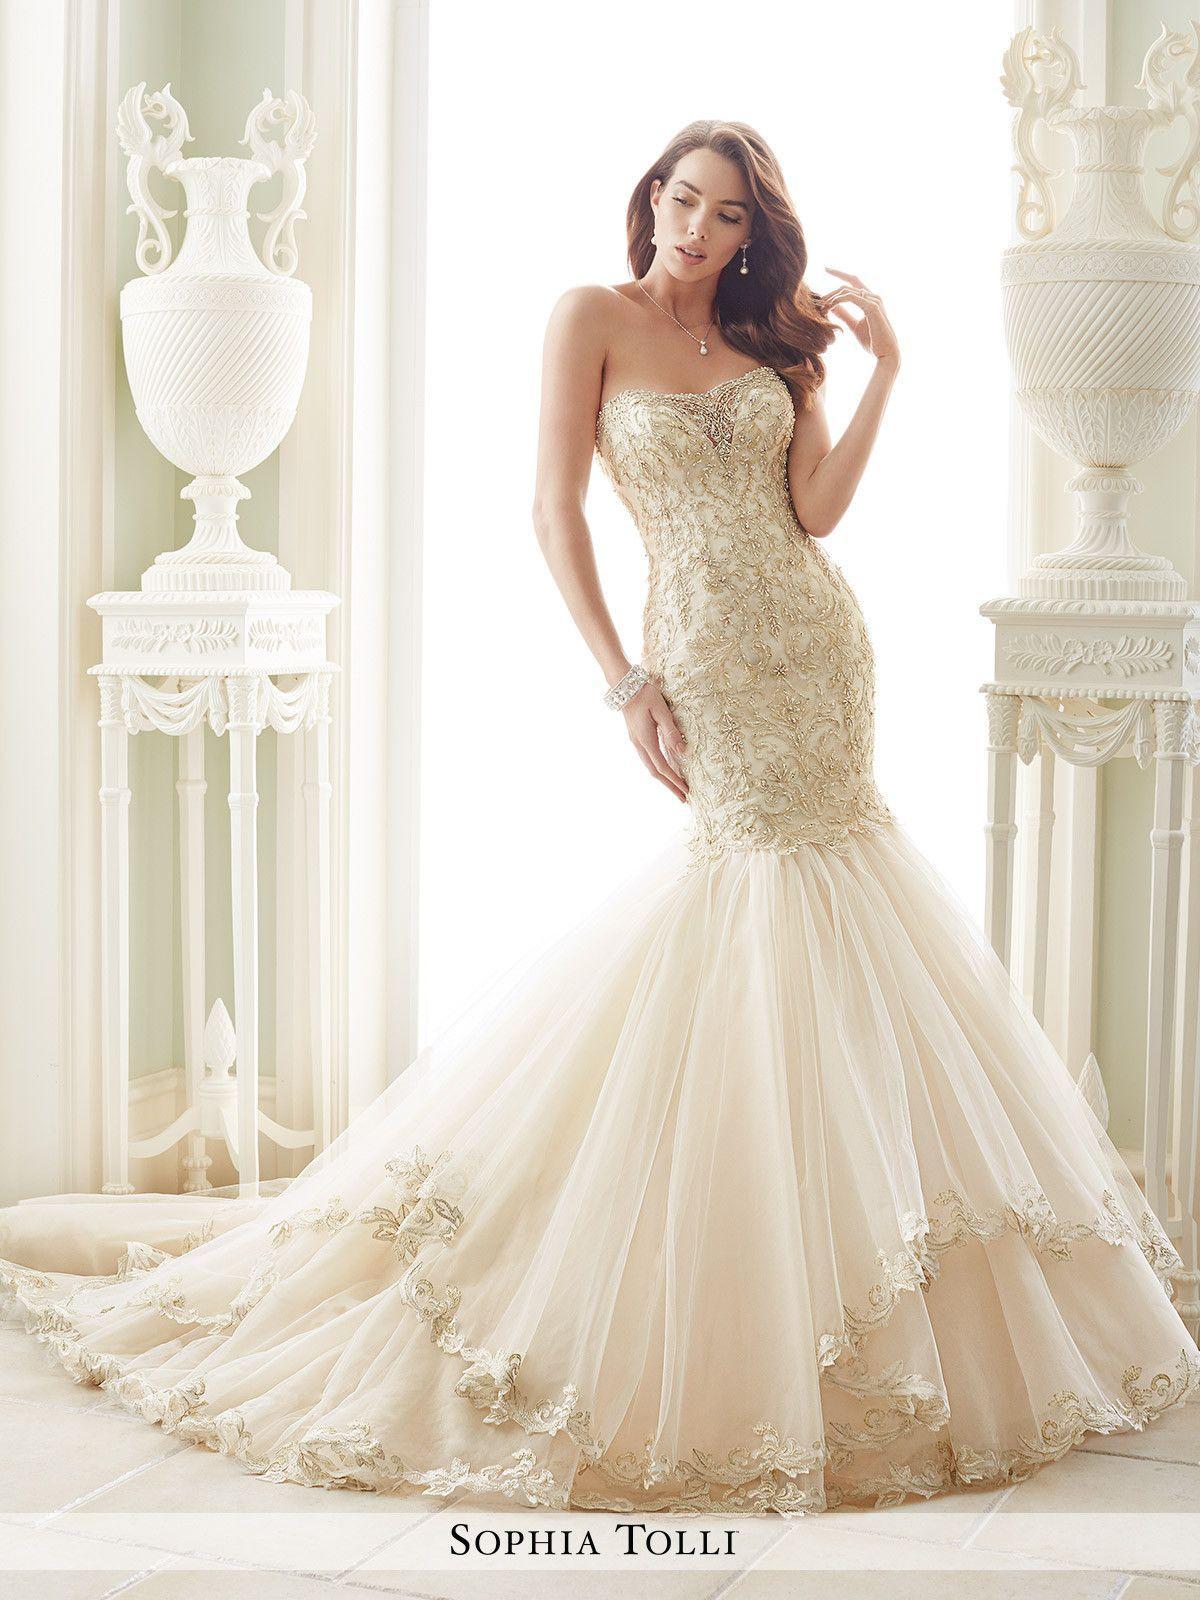 Sophia tolli amalfi y all dressed up bridal gown